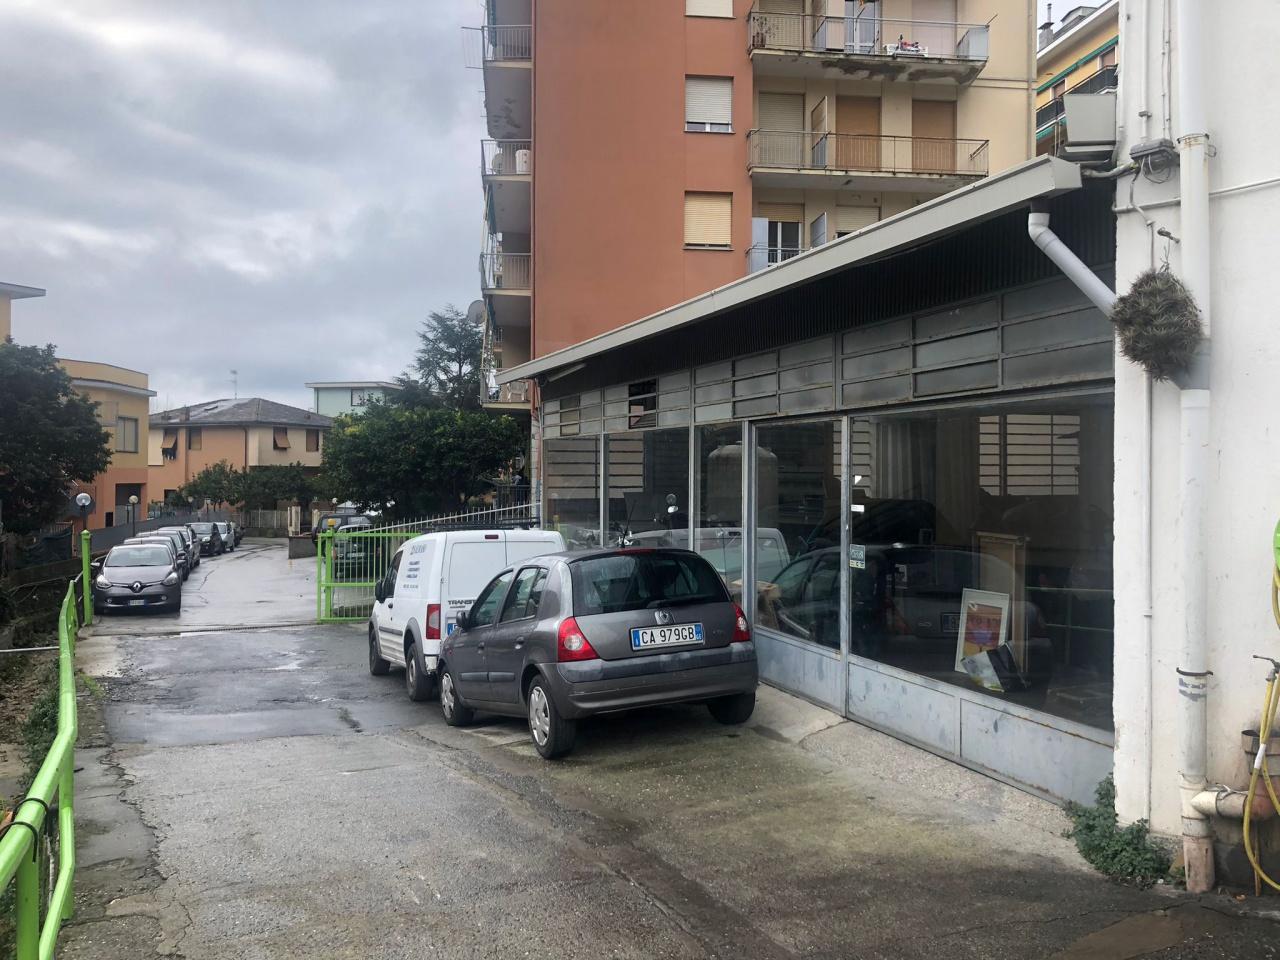 Immobile Commerciale in vendita a Recco, 6 locali, prezzo € 650.000 | PortaleAgenzieImmobiliari.it